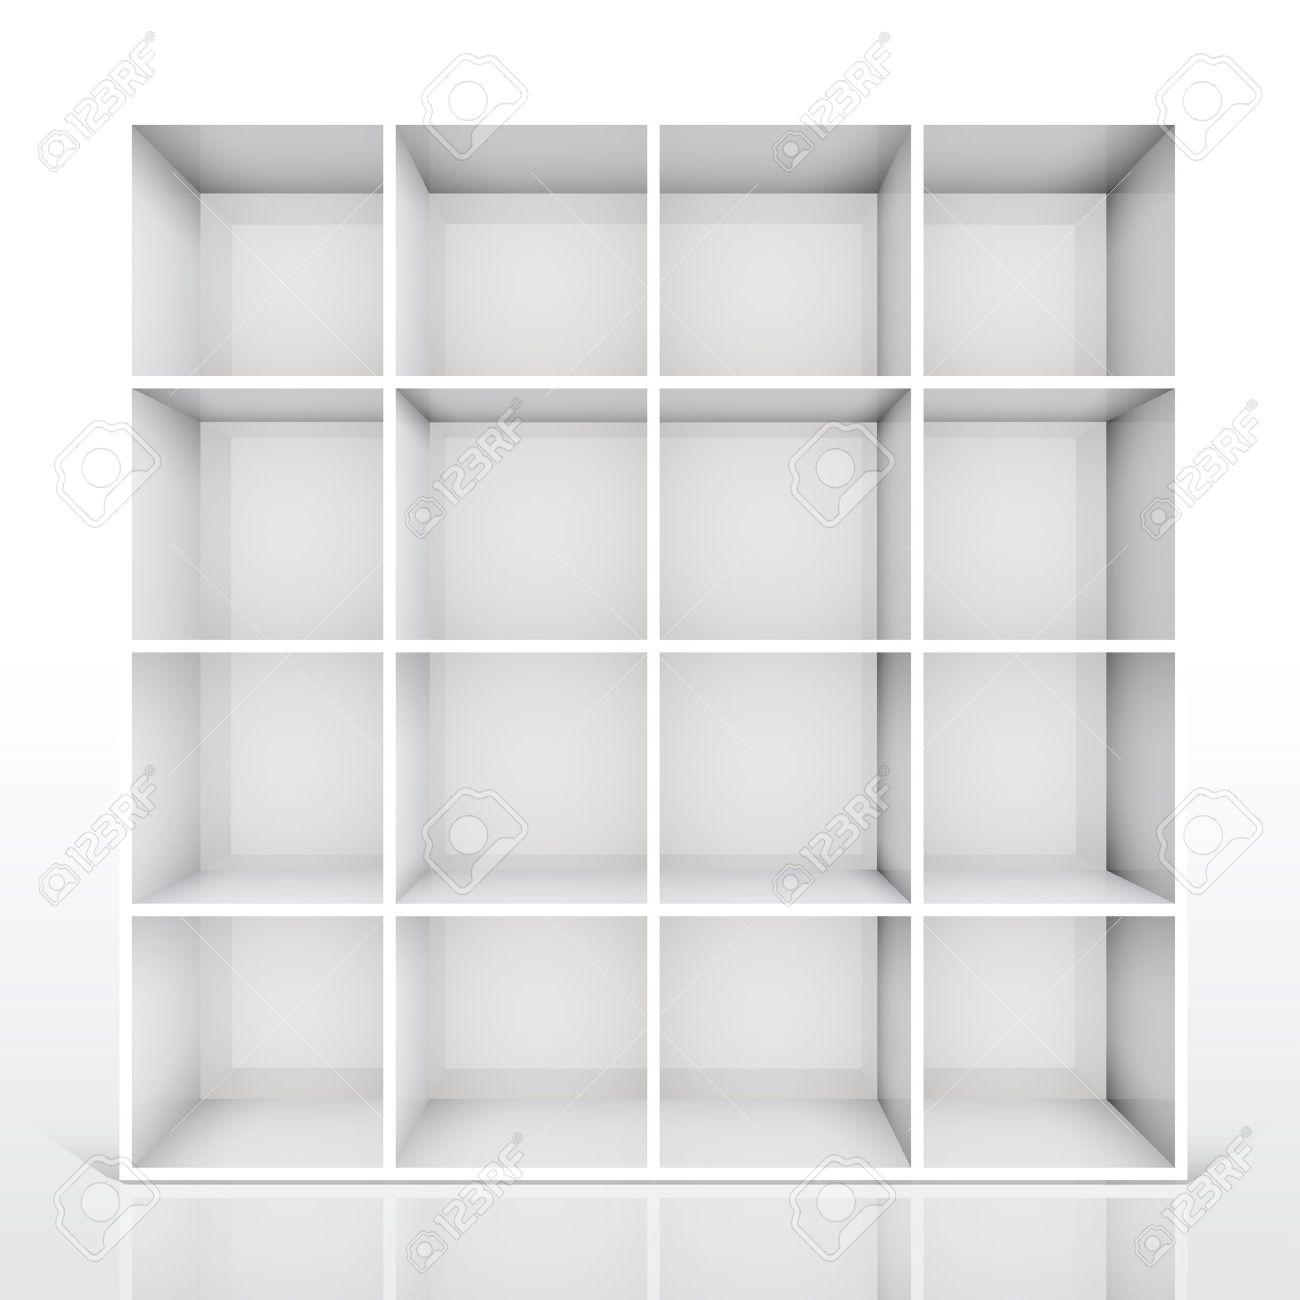 3d isolated Empty white bookshelf. Vector illustration Stock Vector - 9088808